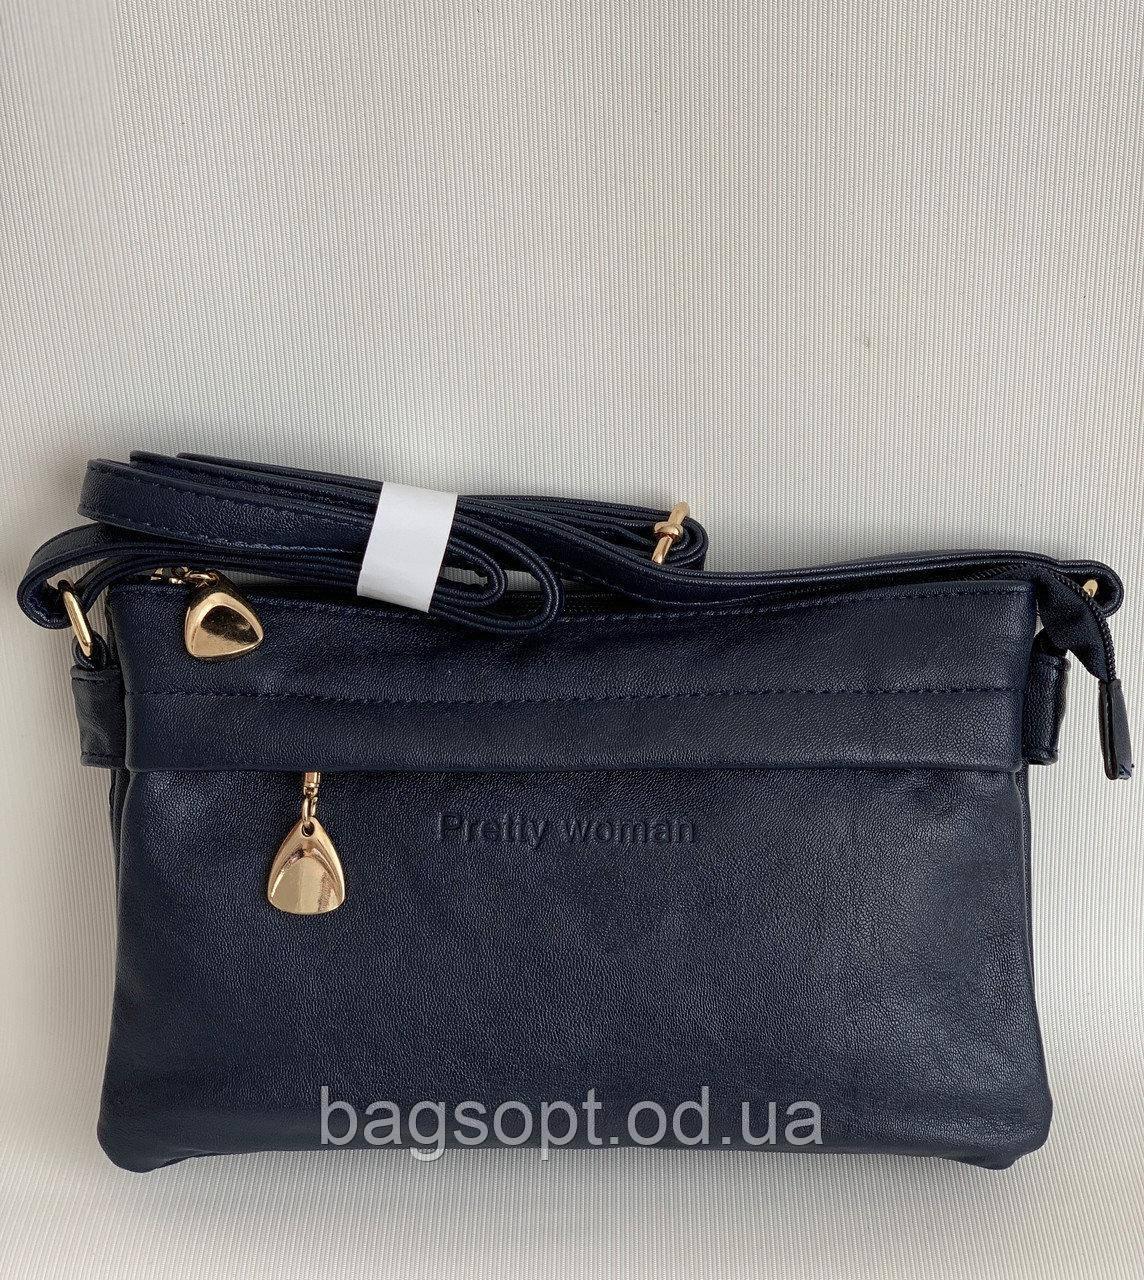 Женские классические сумки и клатчи Pretty Woman в ассортименте Одесса 7 км